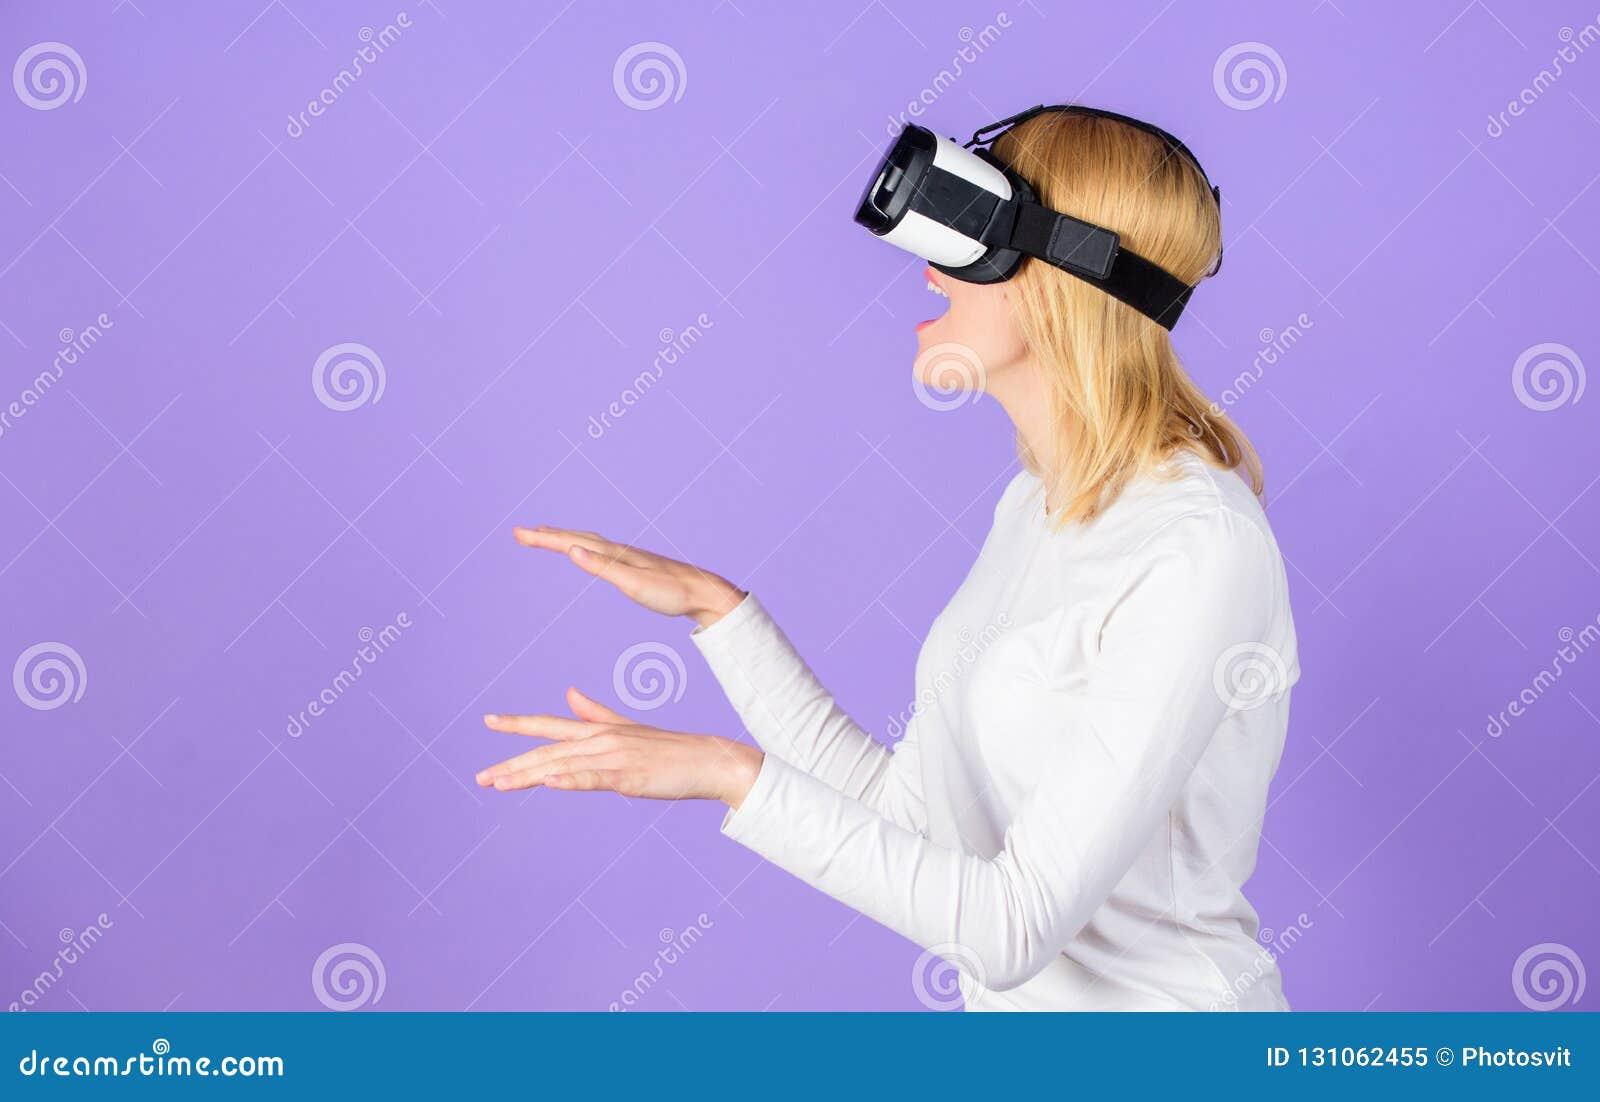 Исследуйте виртуальную реальность Прибор цифров и современные возможности Предпосылка фиолета головного установленного дисплея же